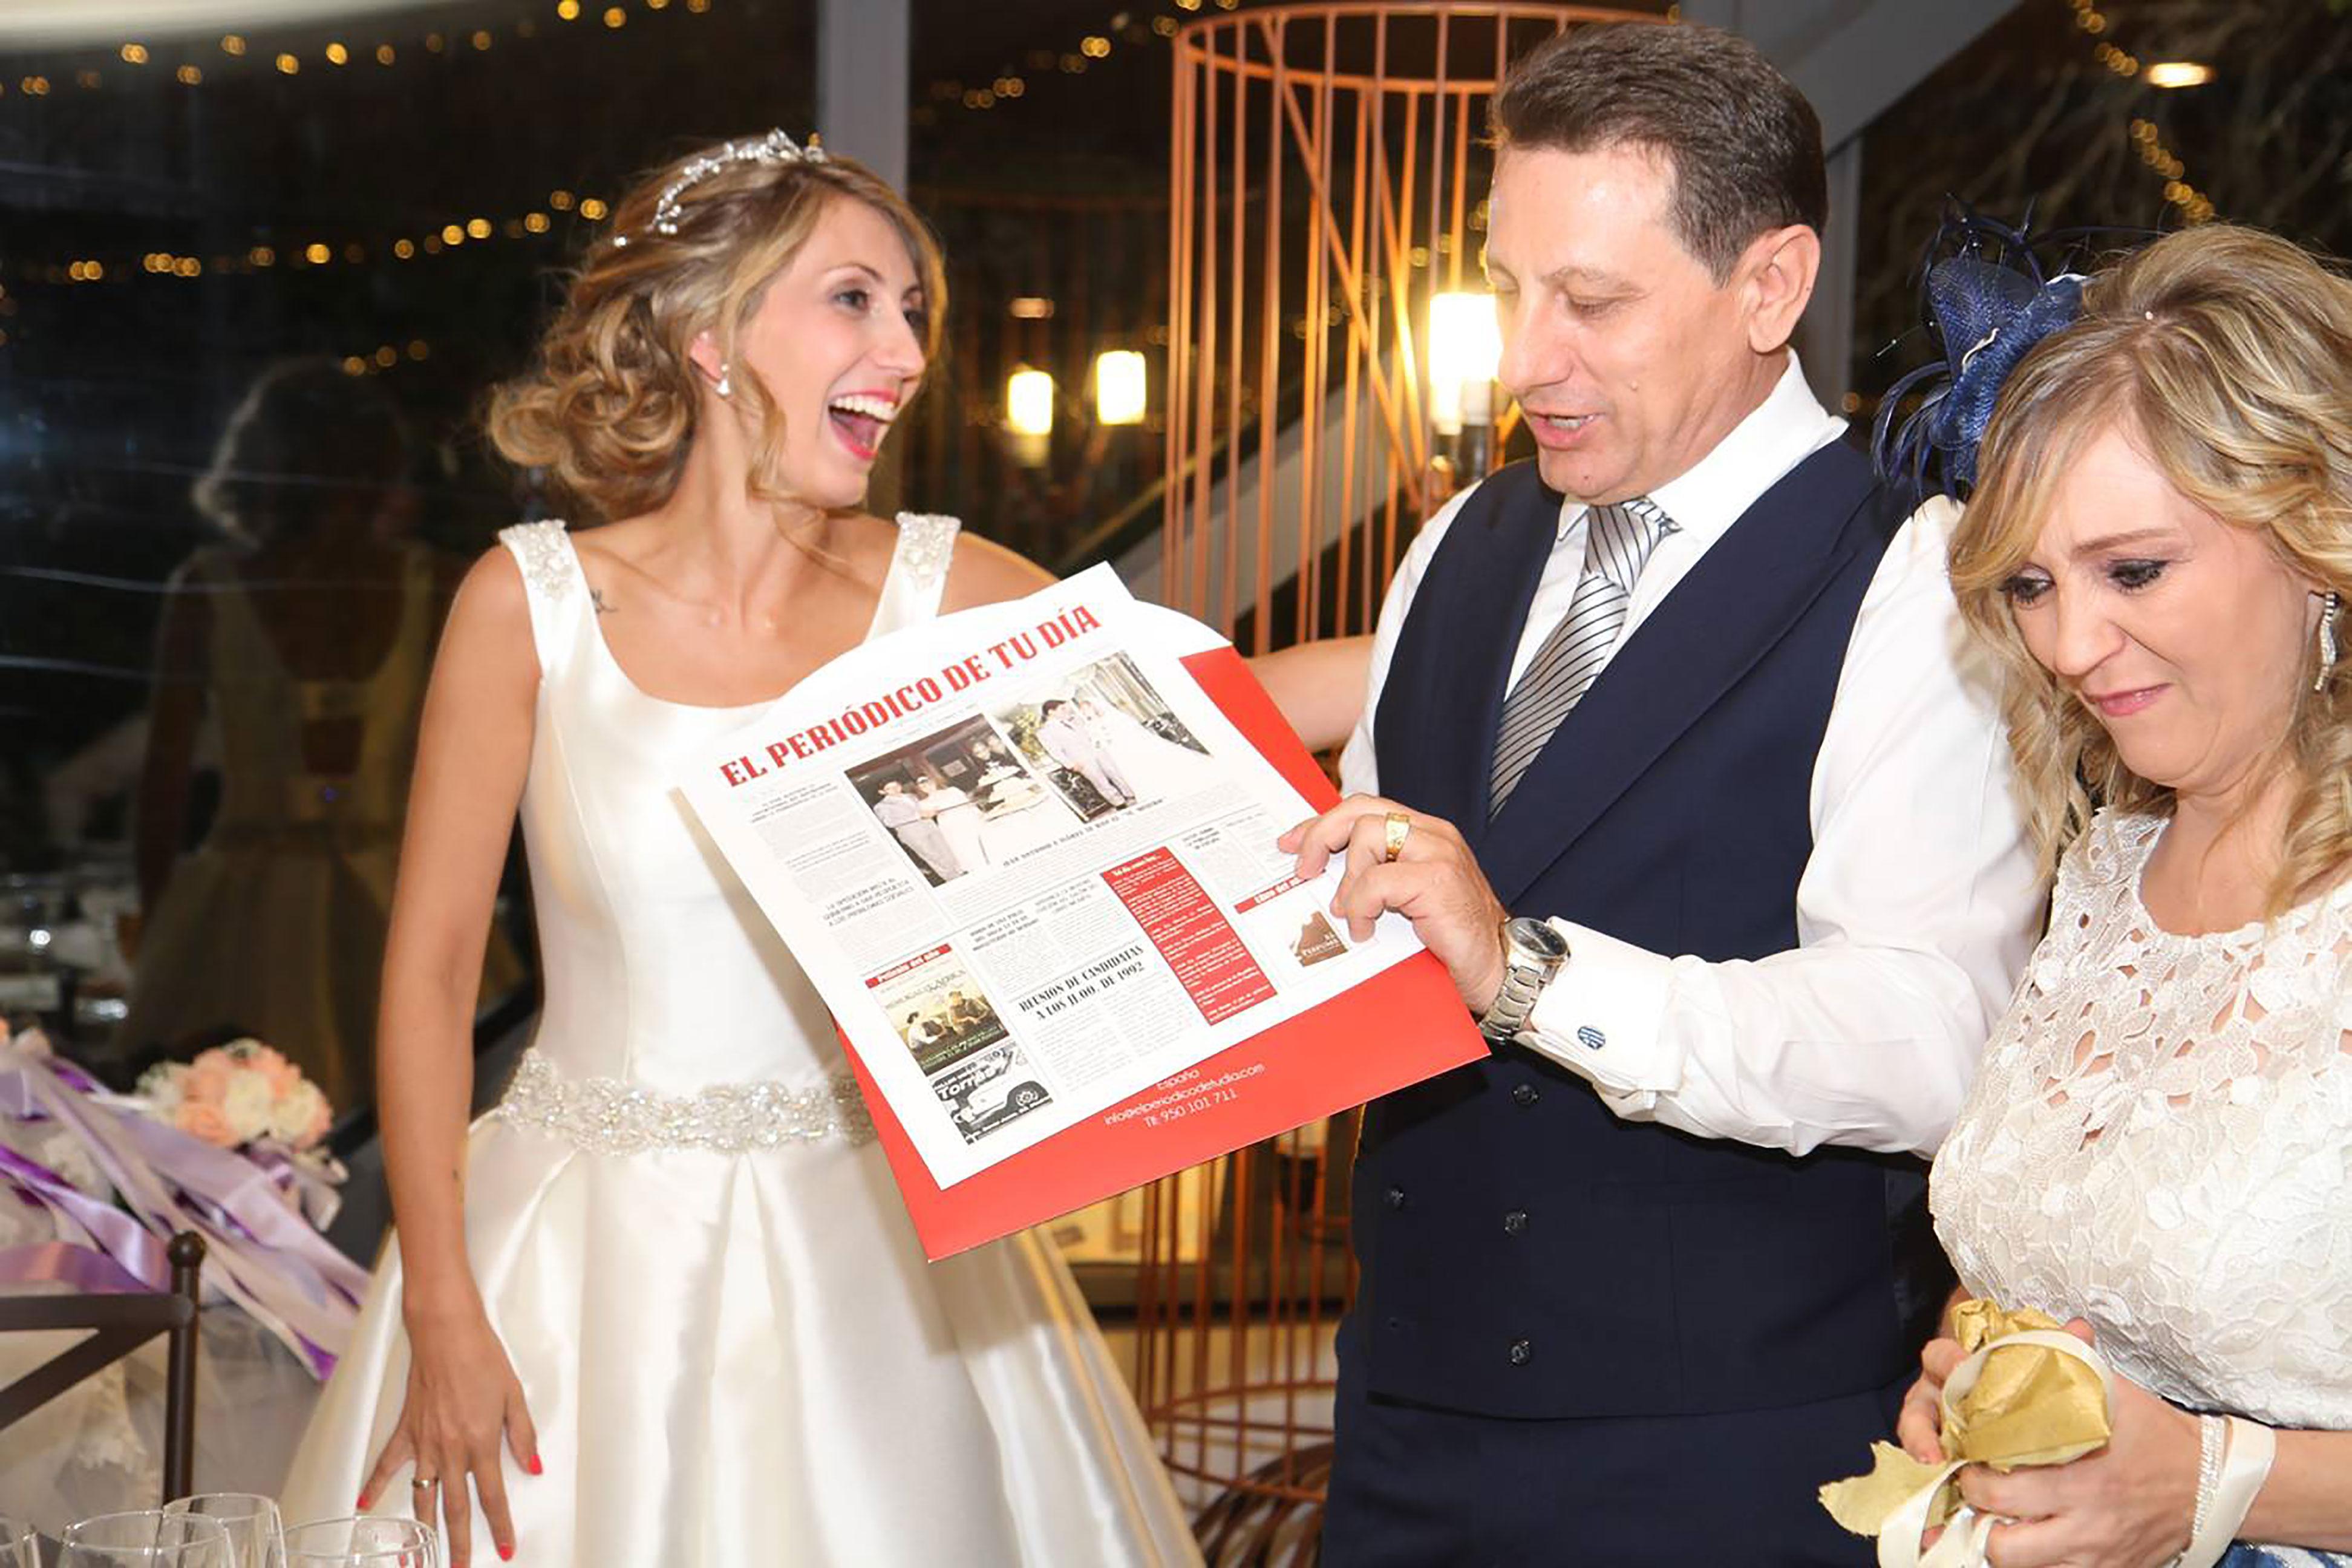 Regalo bodas de oro regalo bodas de plata el peri dico for Regalo para amigas especiales boda